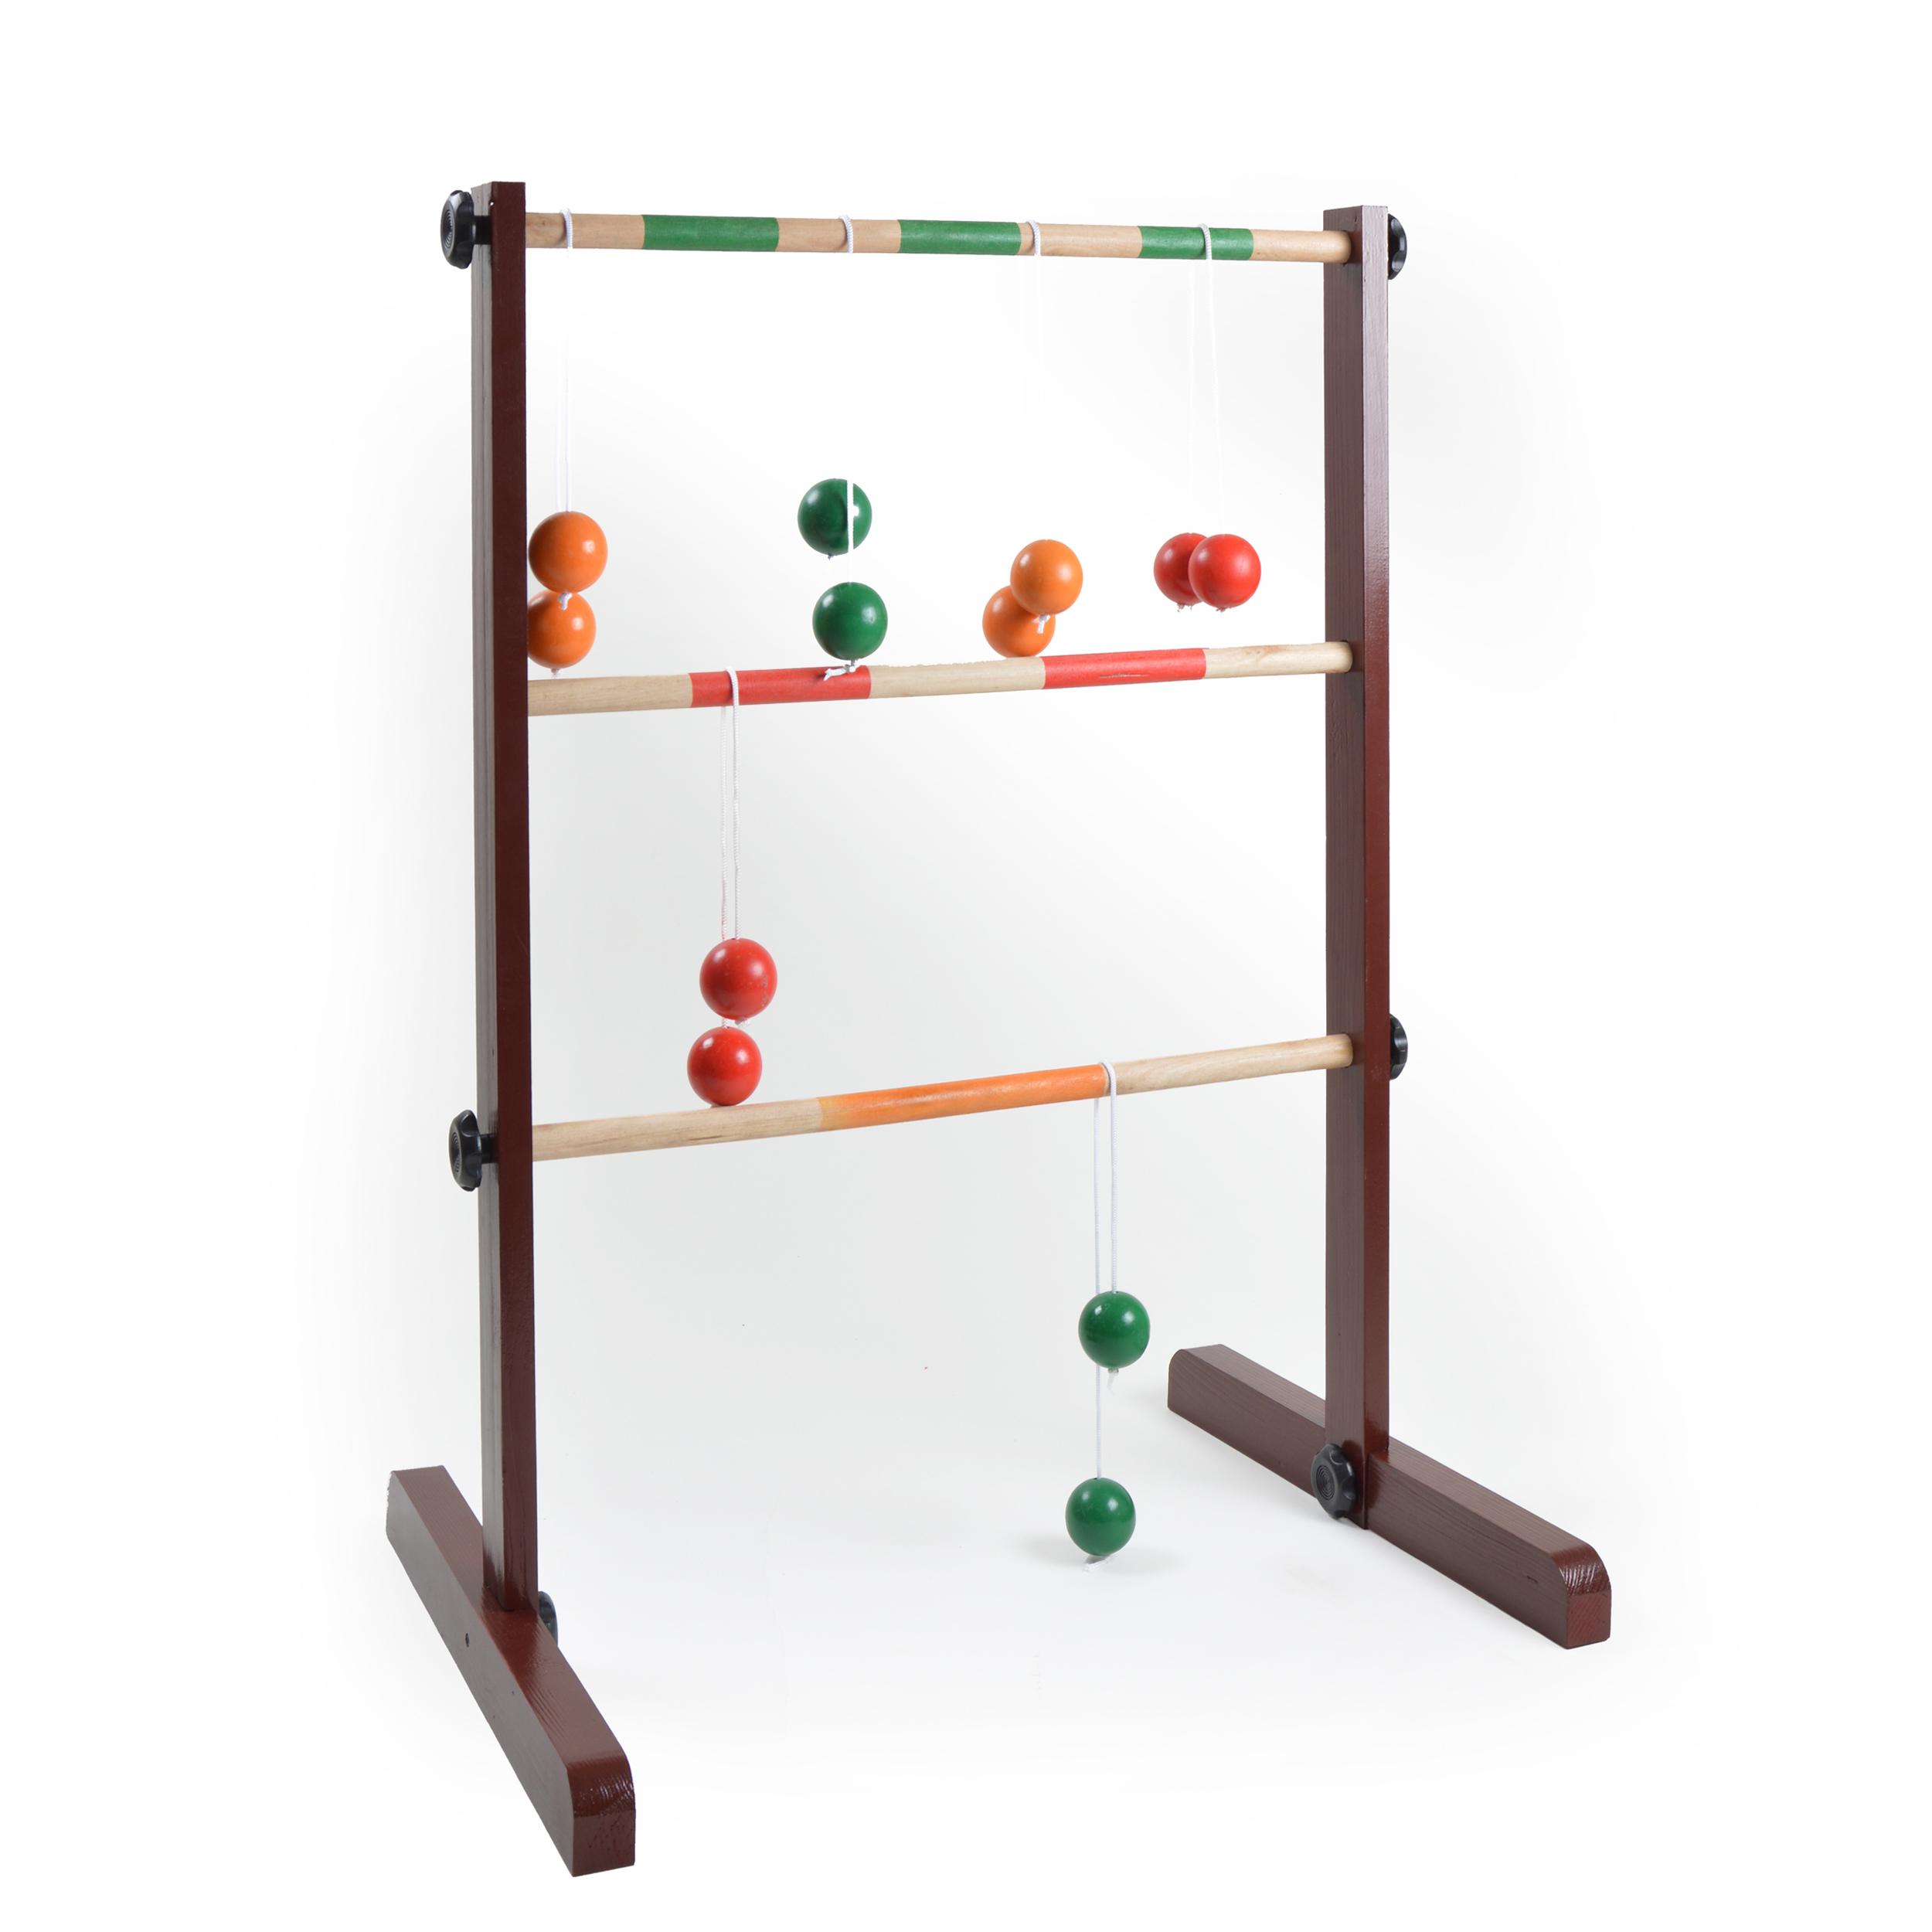 Leitergolf - Original Laddergolf - Wurfspiel Spiel für draußen DUNKEL